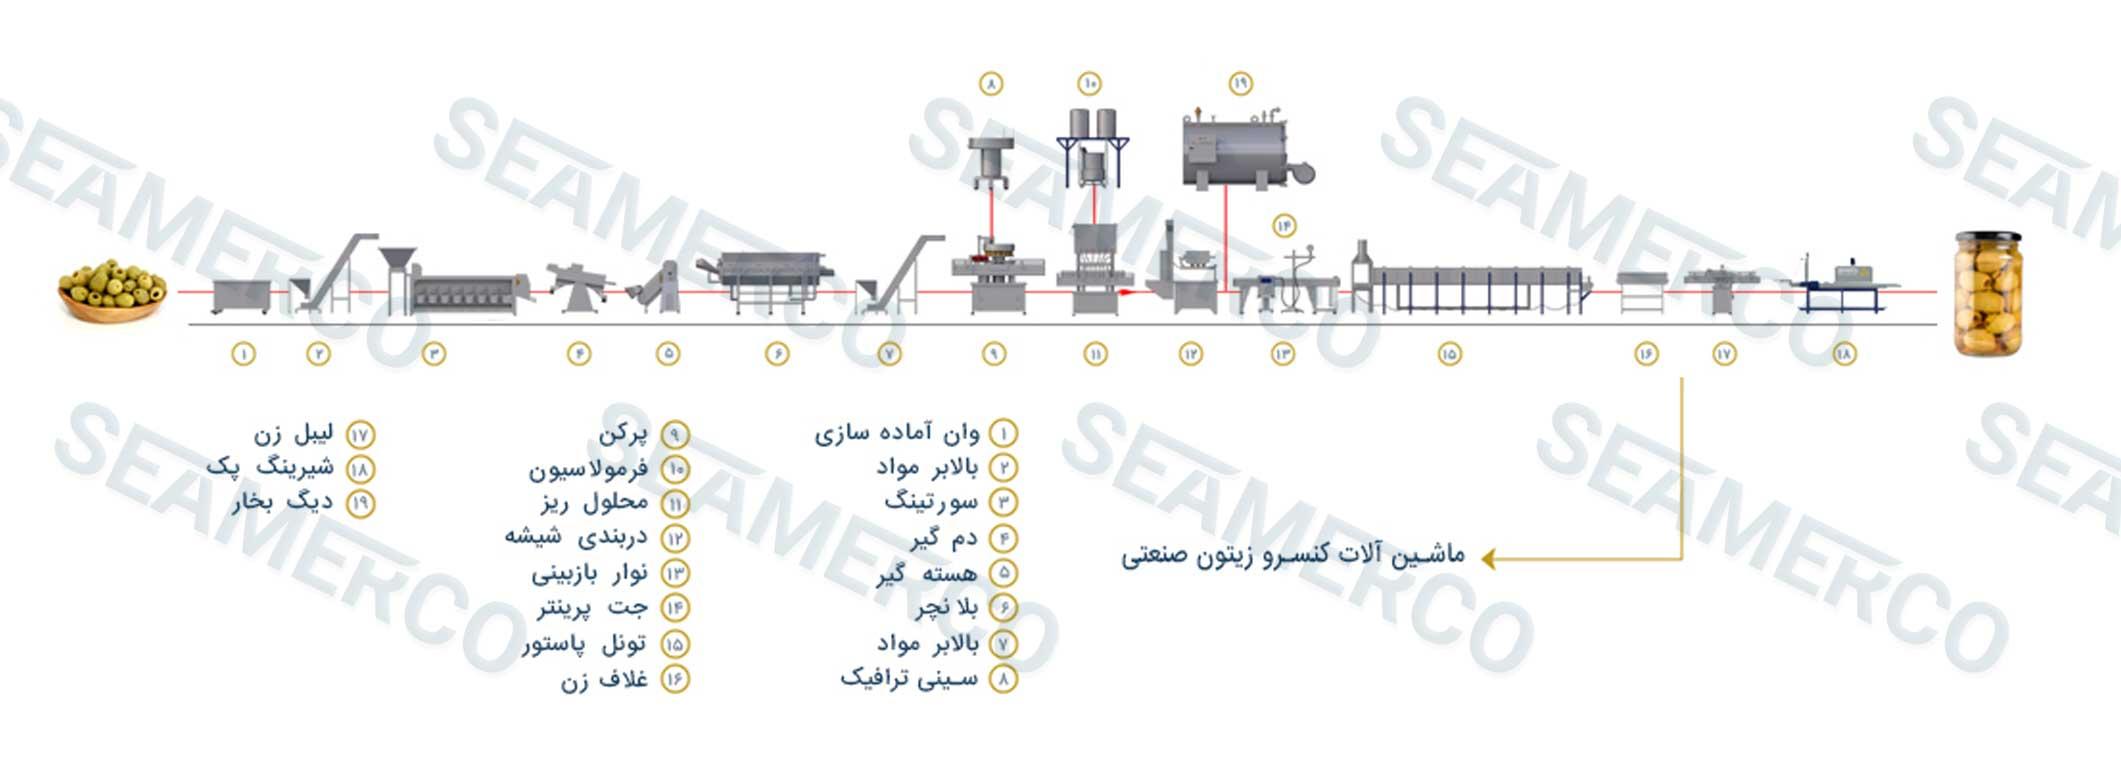 جانمایی ماشینآلات (لیوت)خط تولید کنسرو زیتون